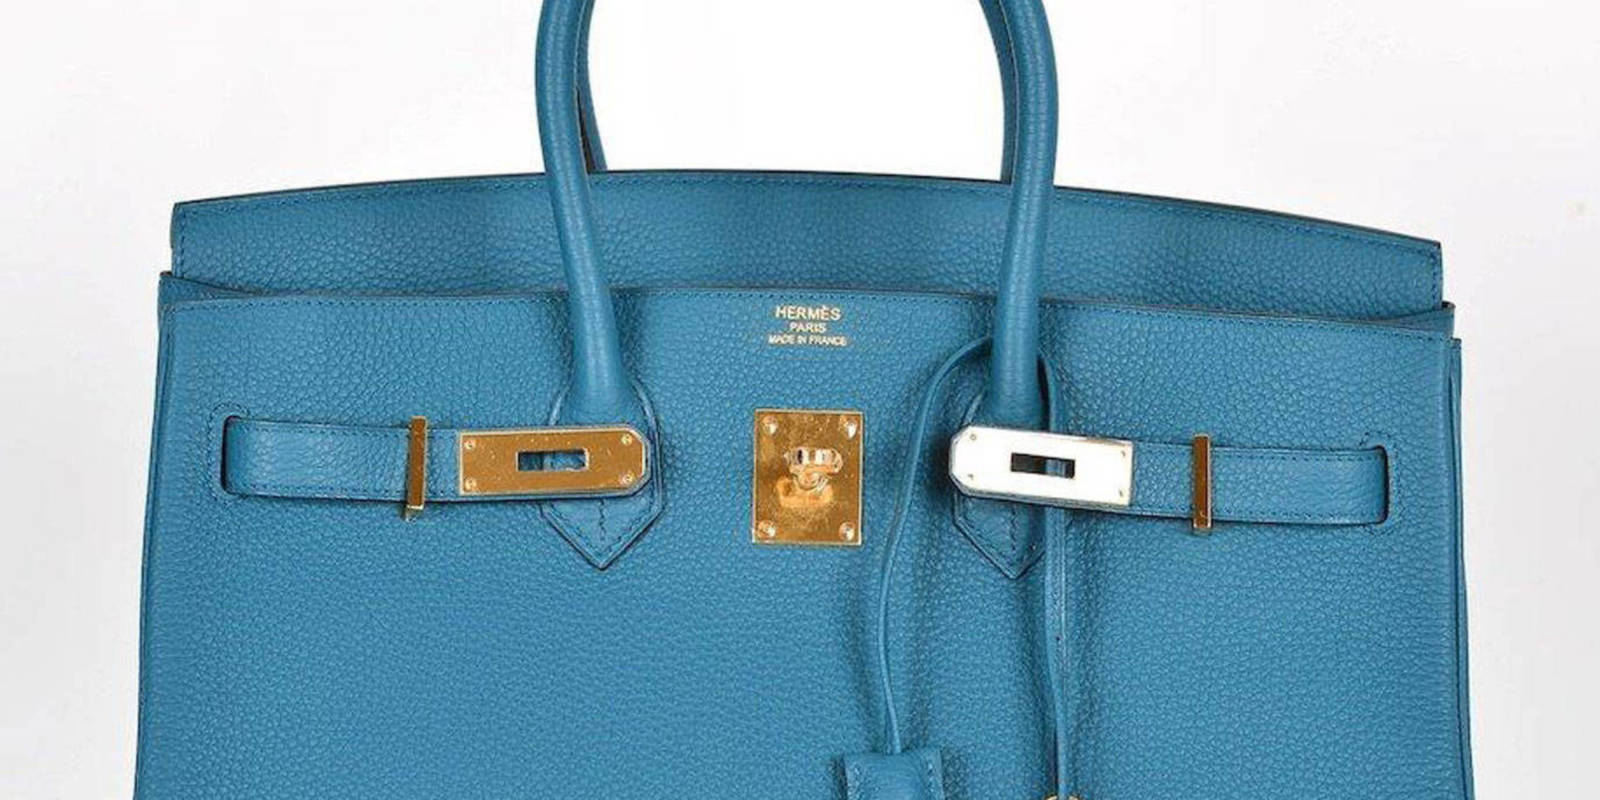 red hermes birkin handbag - How To Spot A Fake Birkin Bag - Real Hermes Birkin Bag